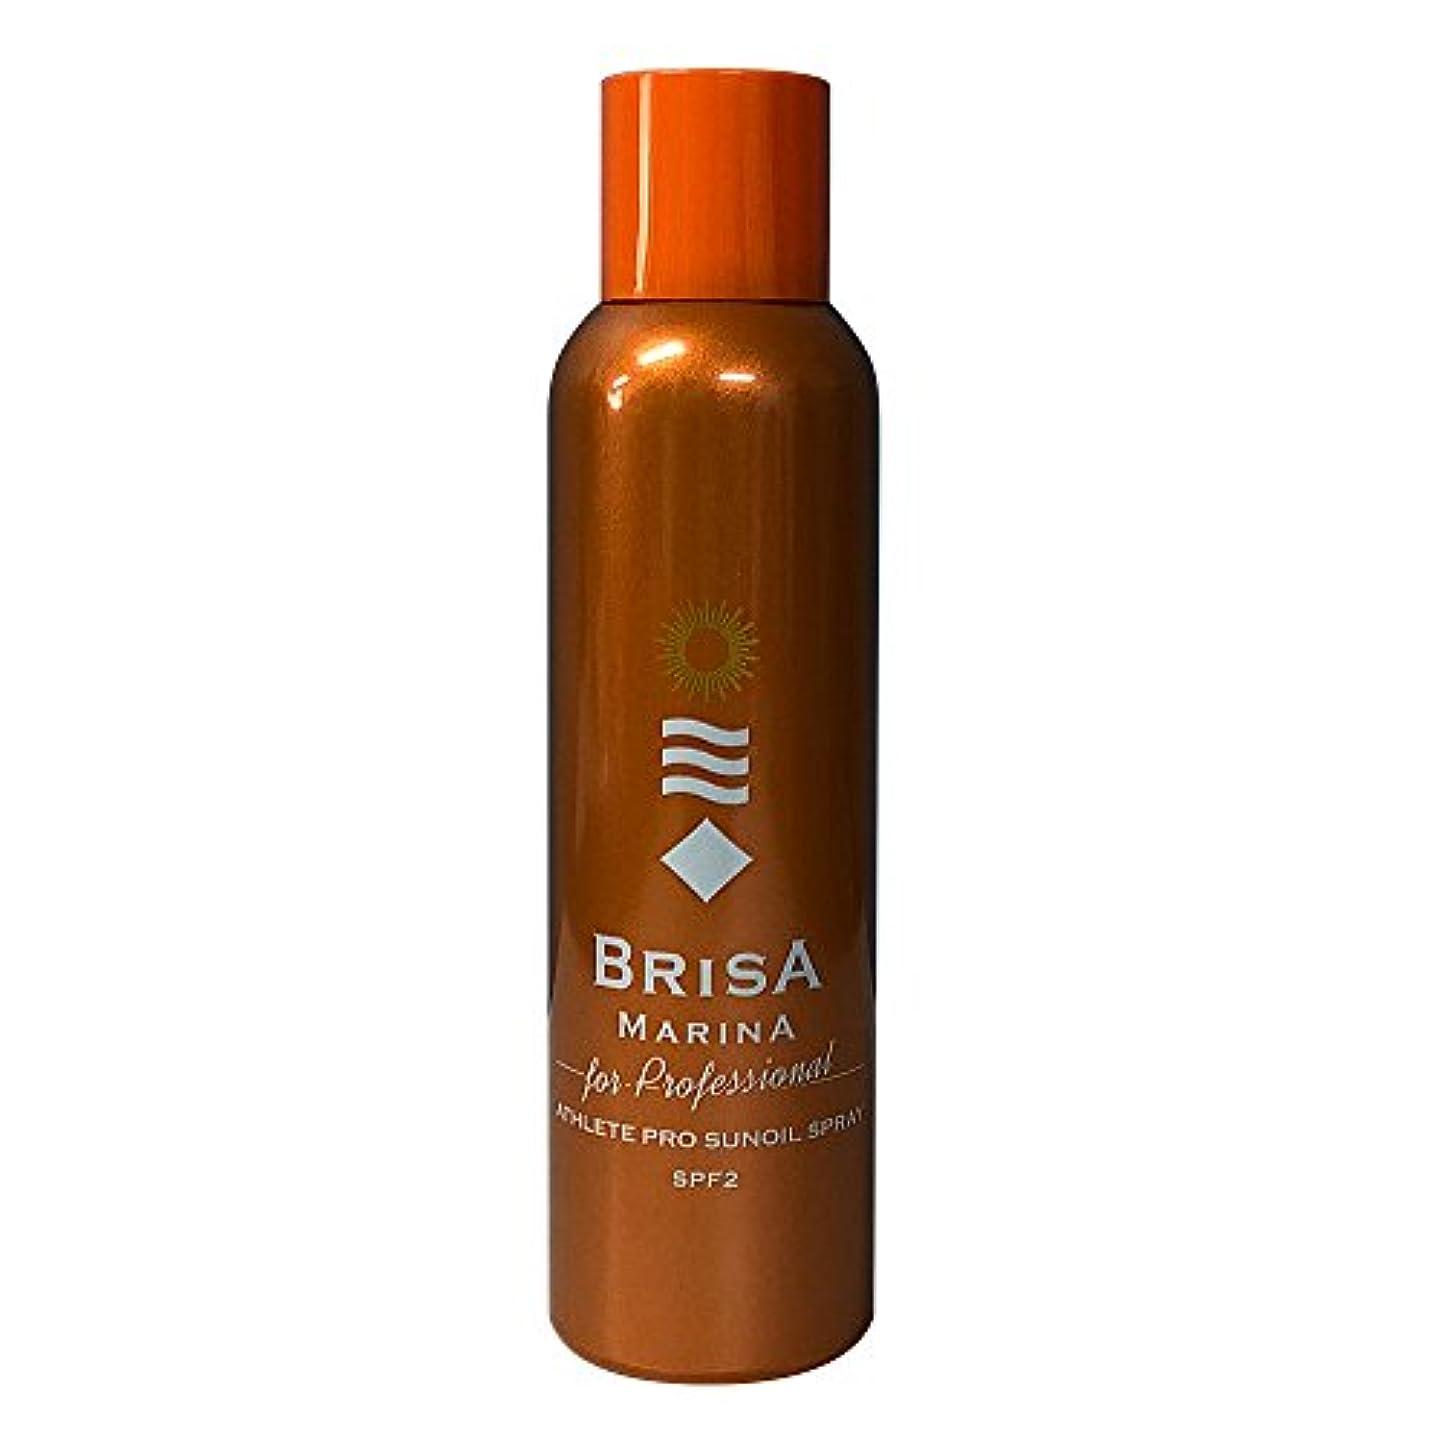 採用くるくる分数BRISA MARINA(ブリサ マリーナ) アスリートプロ サンオイルスプレー [SPF2] Professional Edition [アスリートプロ 日焼け用スプレー] Z-0CBM0016610